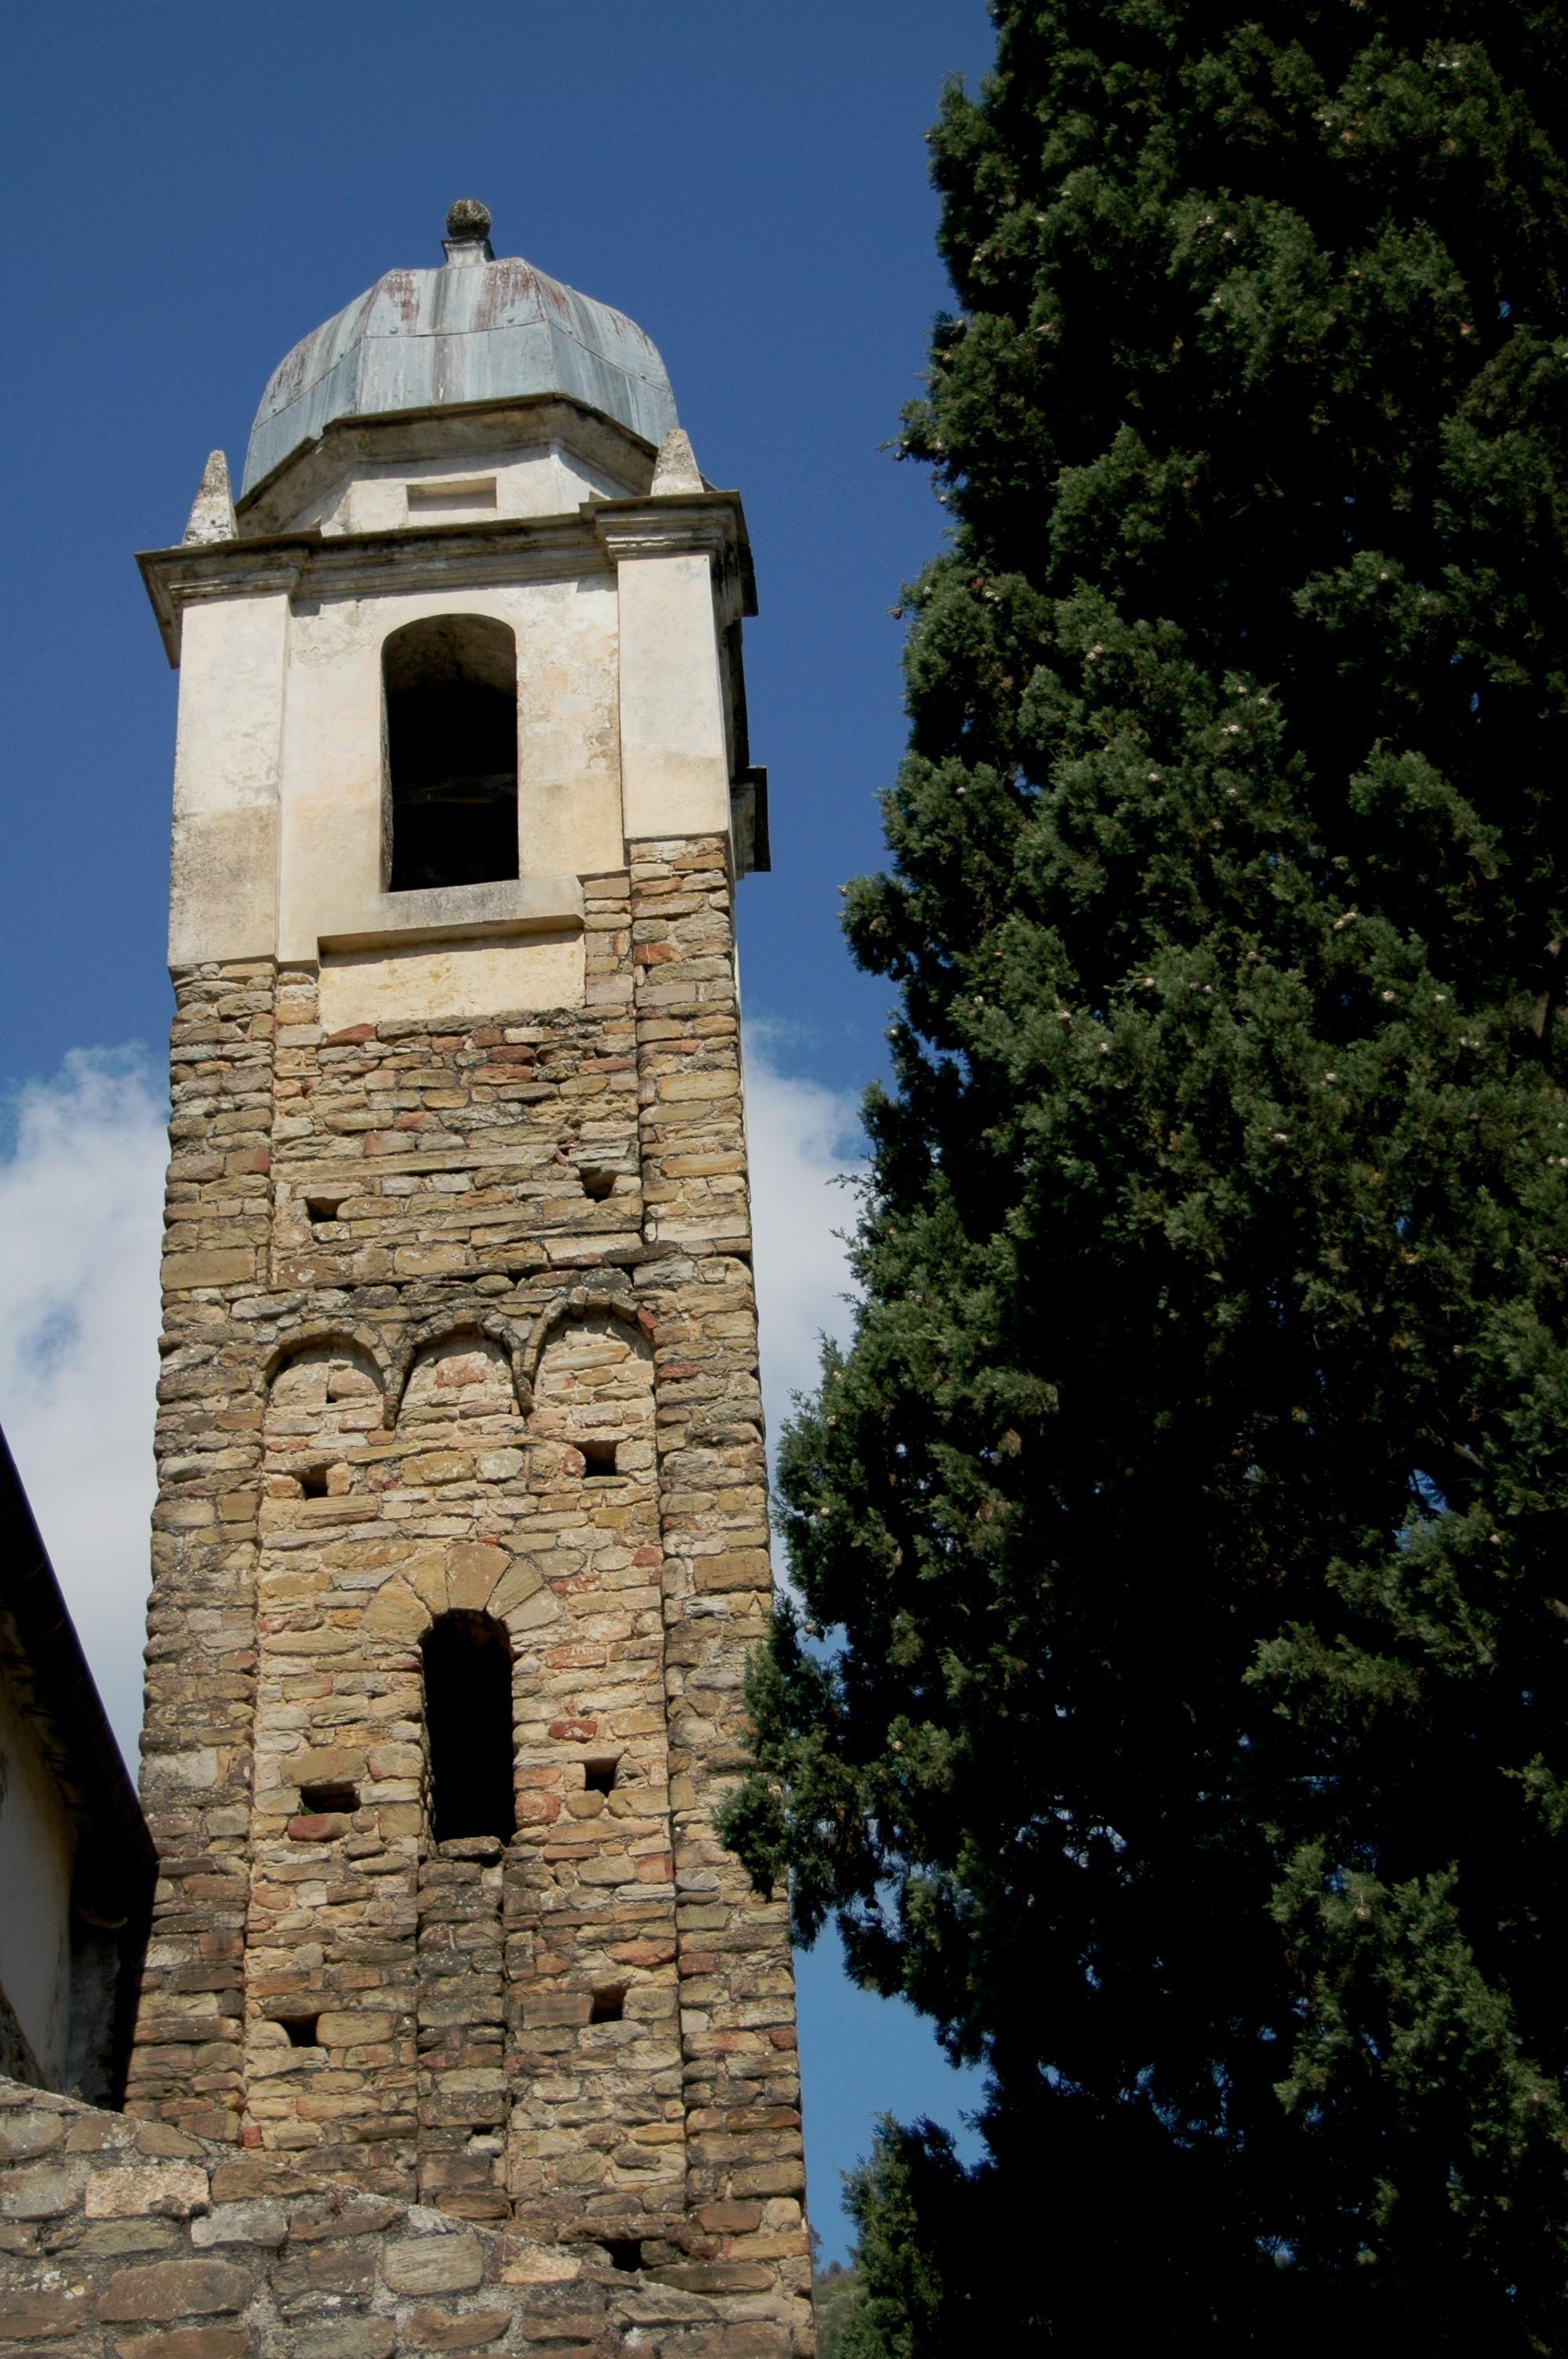 Dolceacqua, S. Giorgio